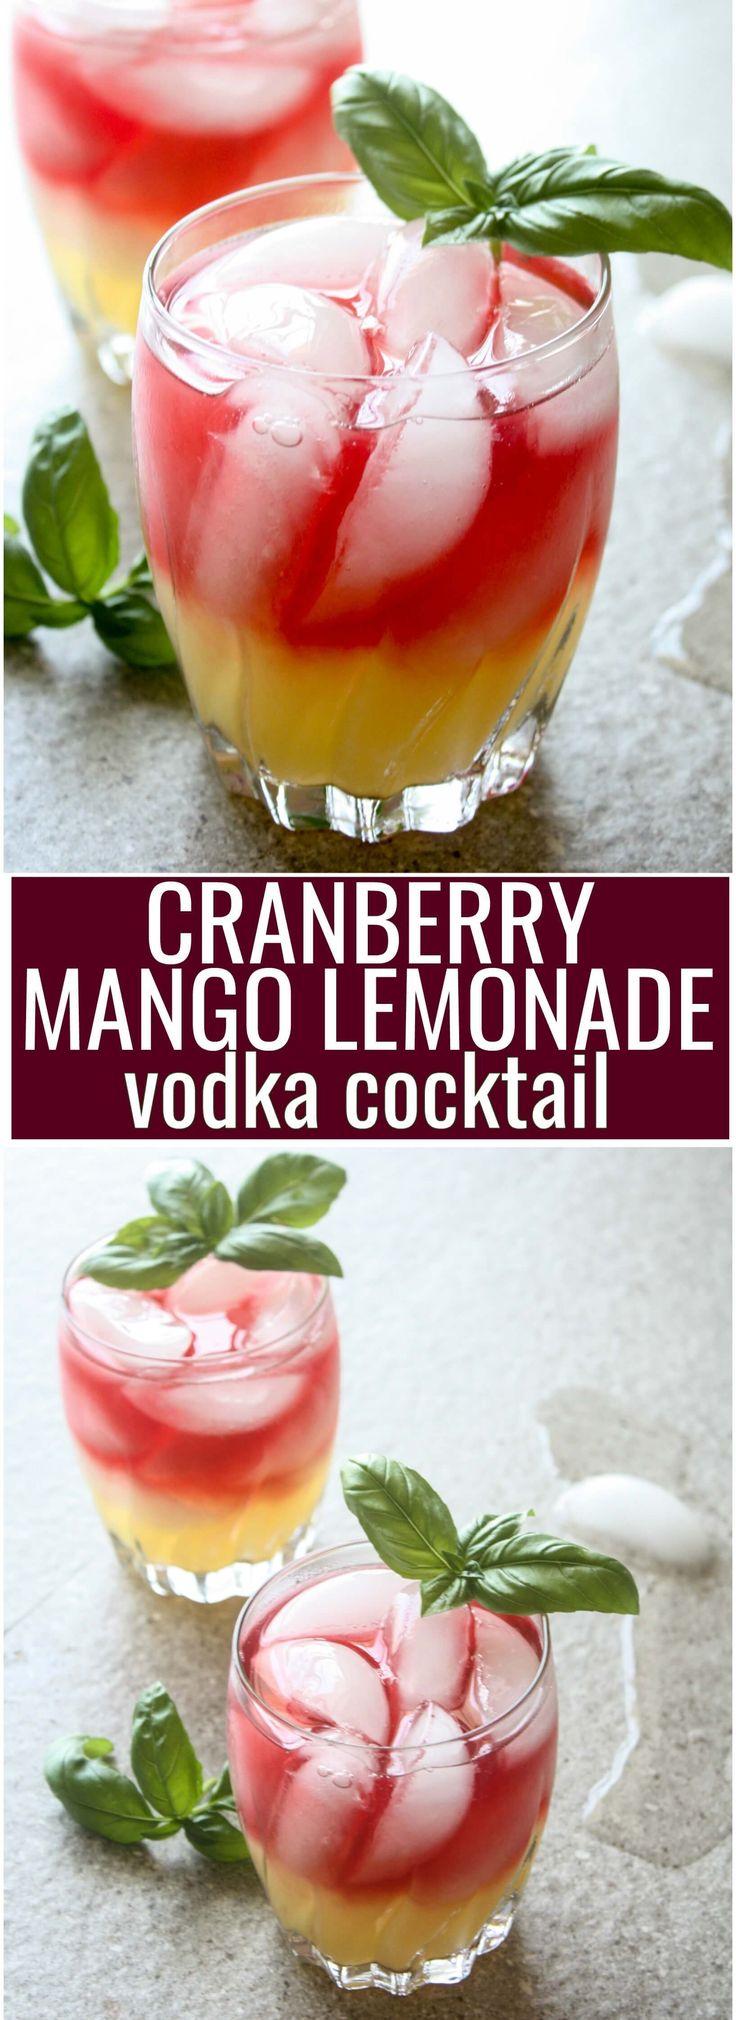 Cranberry Mango Lemonade Vodka Cocktail